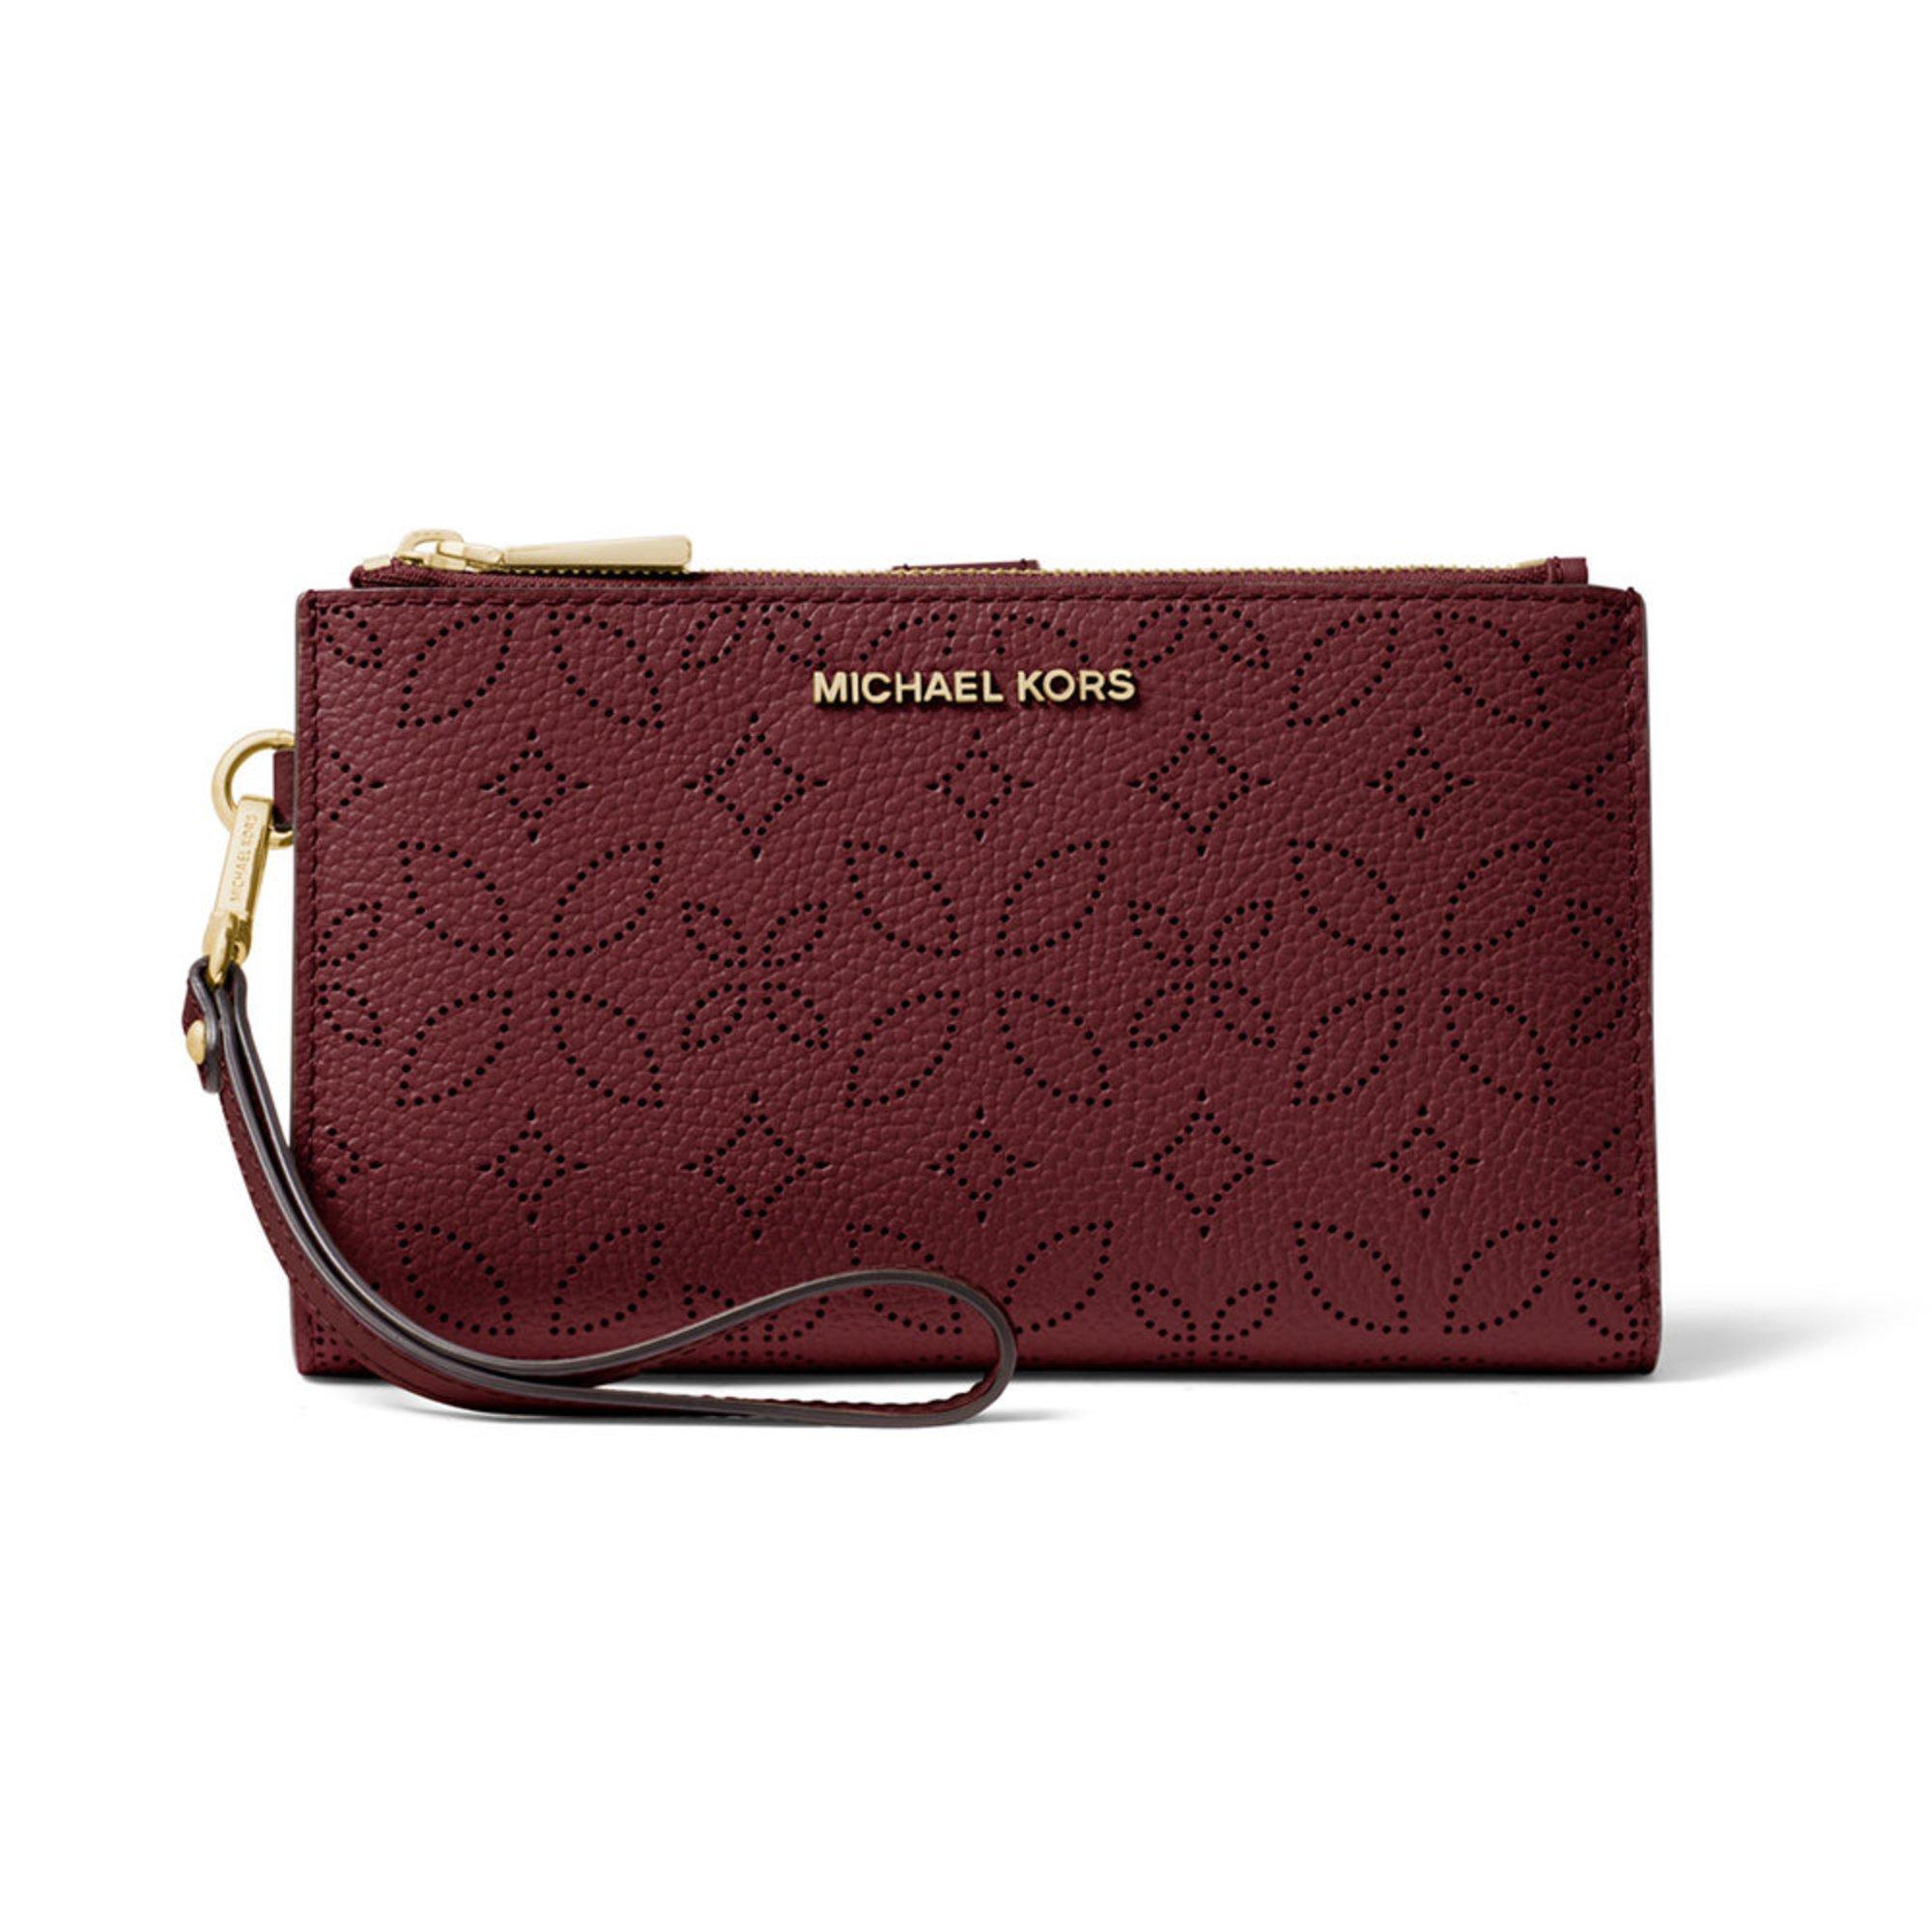 a8ce565745a581 Michael Kors Double Zip Wristlet | Wristlets | Handbags & Sunglasses - Shop  Your Navy Exchange - Official Site